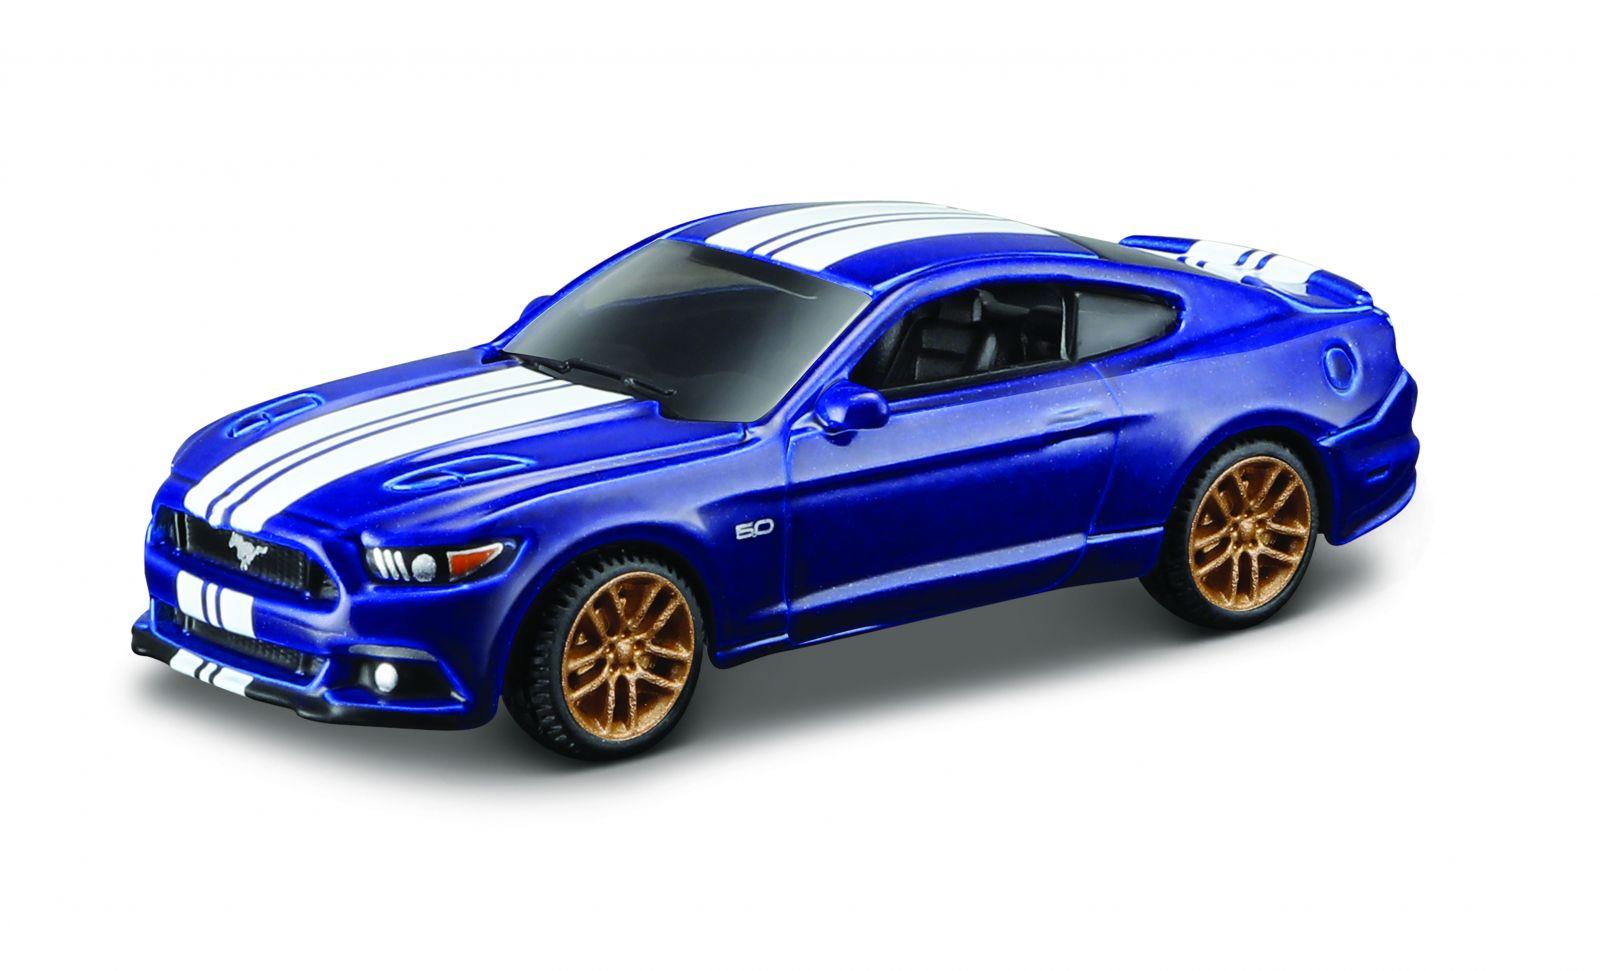 Maisto 1:64 15494 Design - Ford Mustang GT 2015 - modrá barva